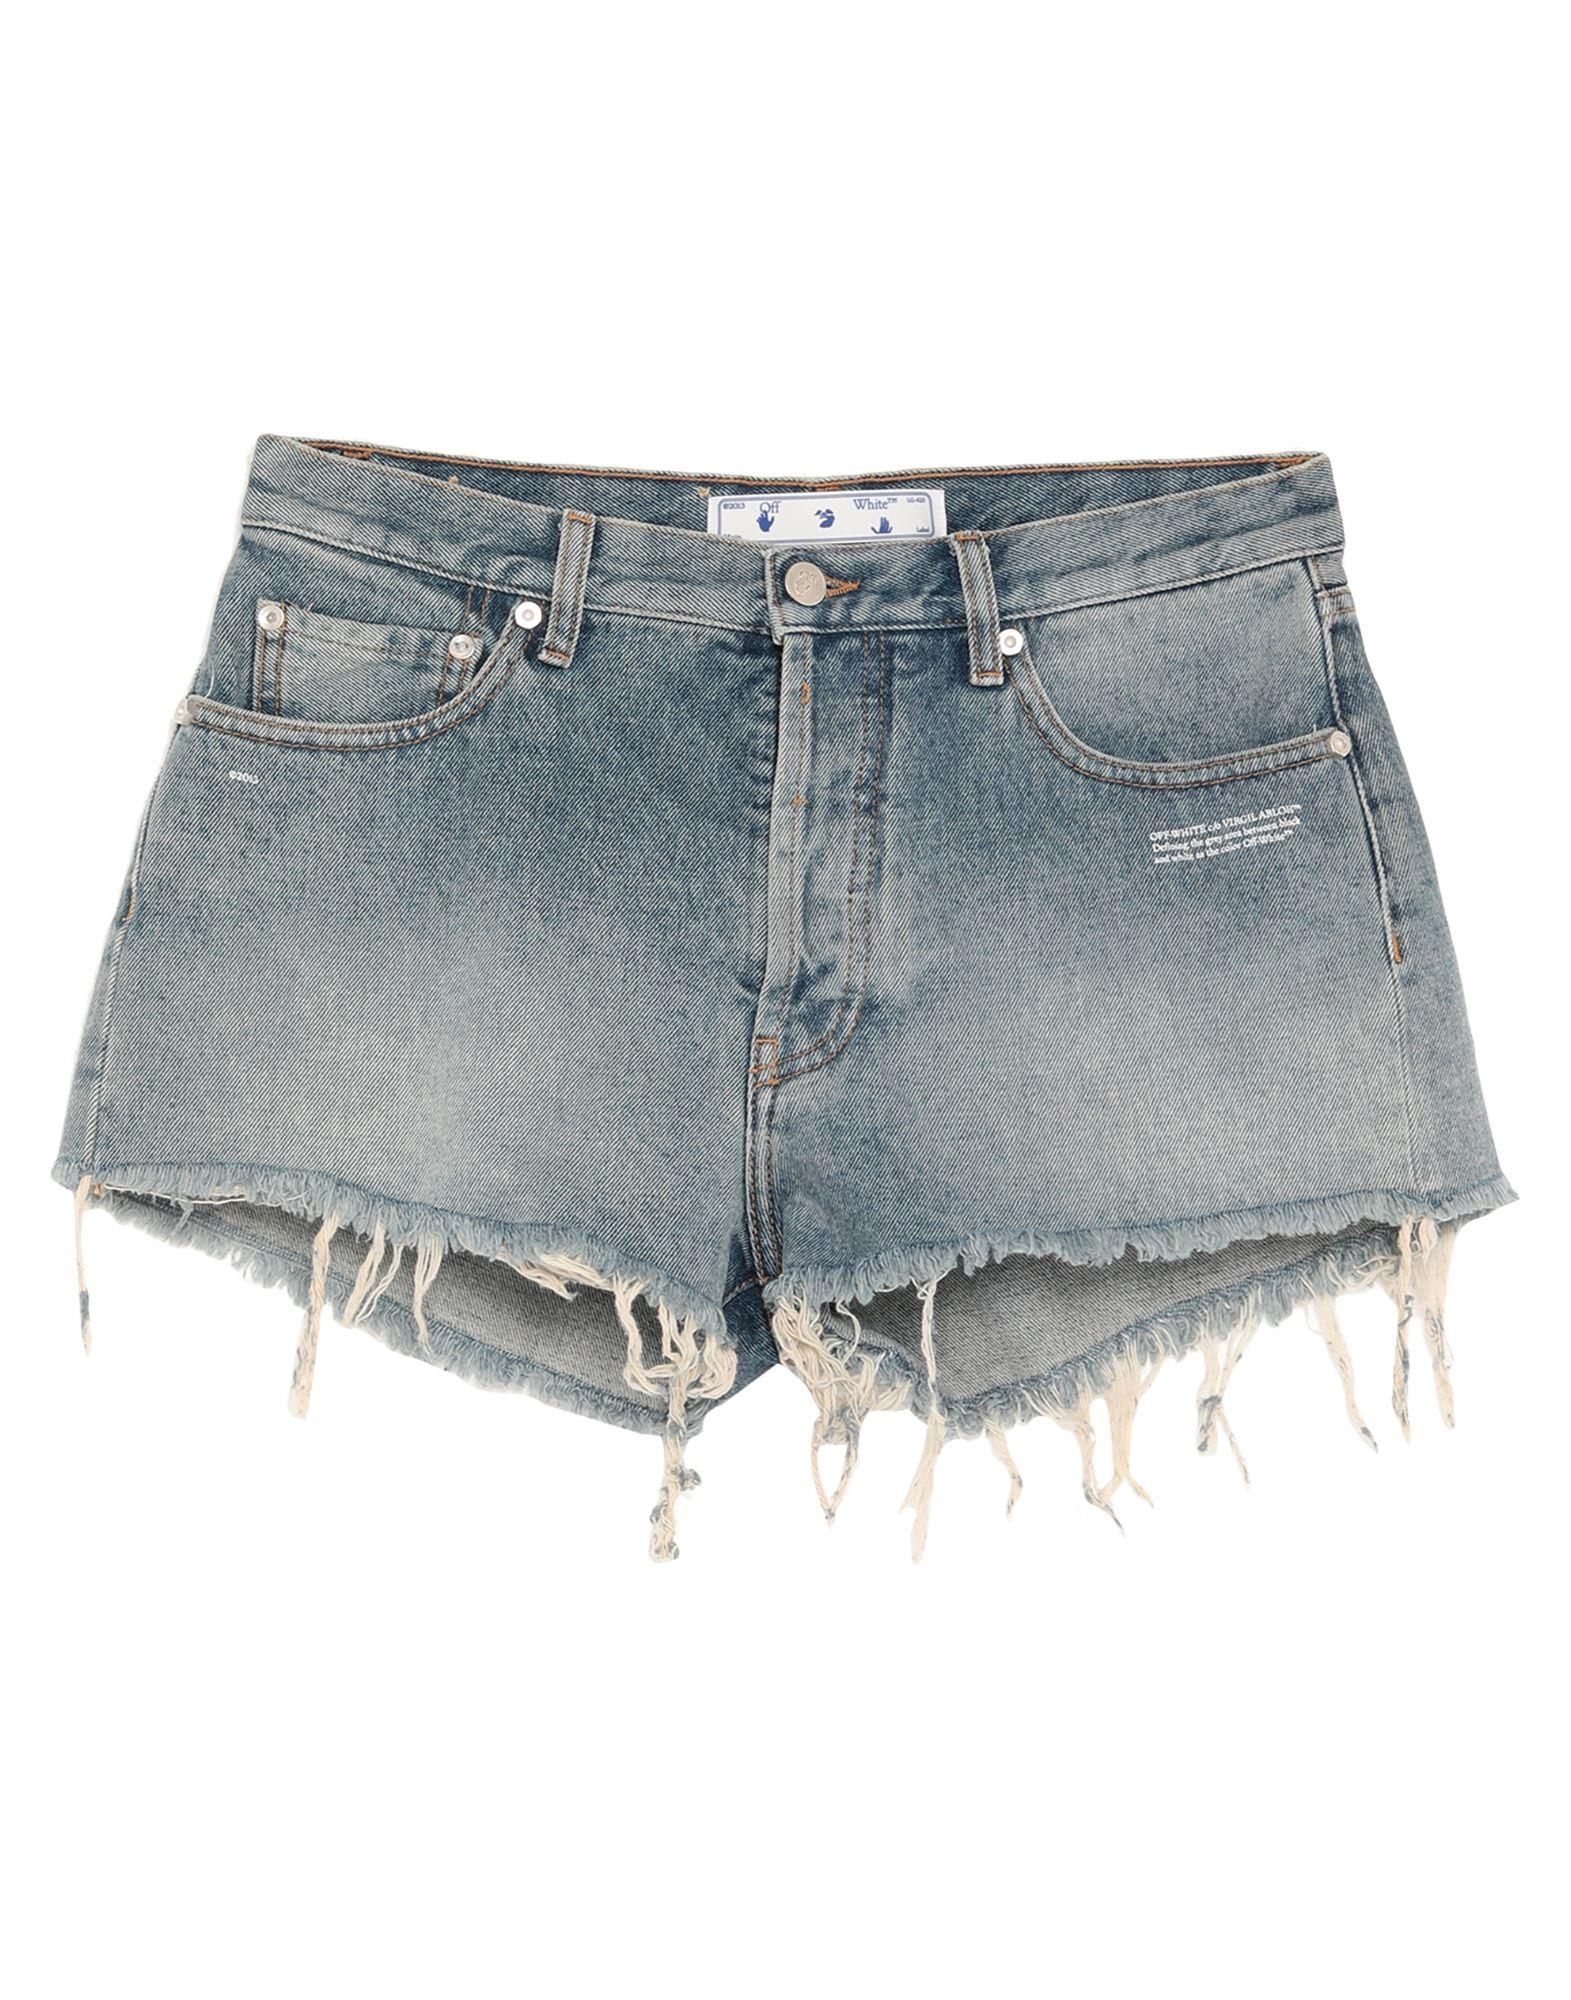 Фото - OFF-WHITE™ Джинсовые шорты please джинсовые шорты